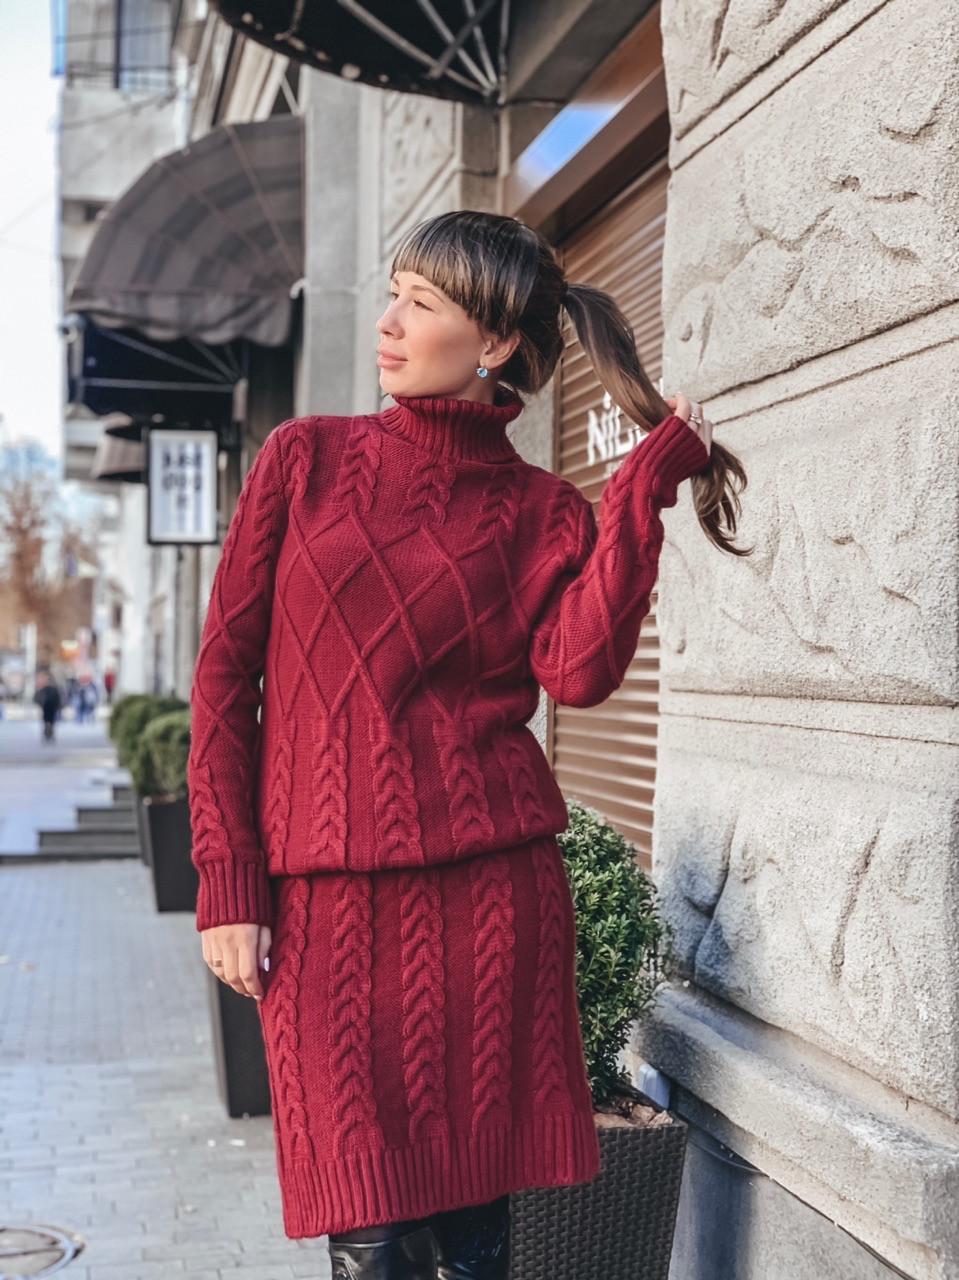 Вязаное платье с узорной вязкой и высоким воротником 33mpa235, фото 1